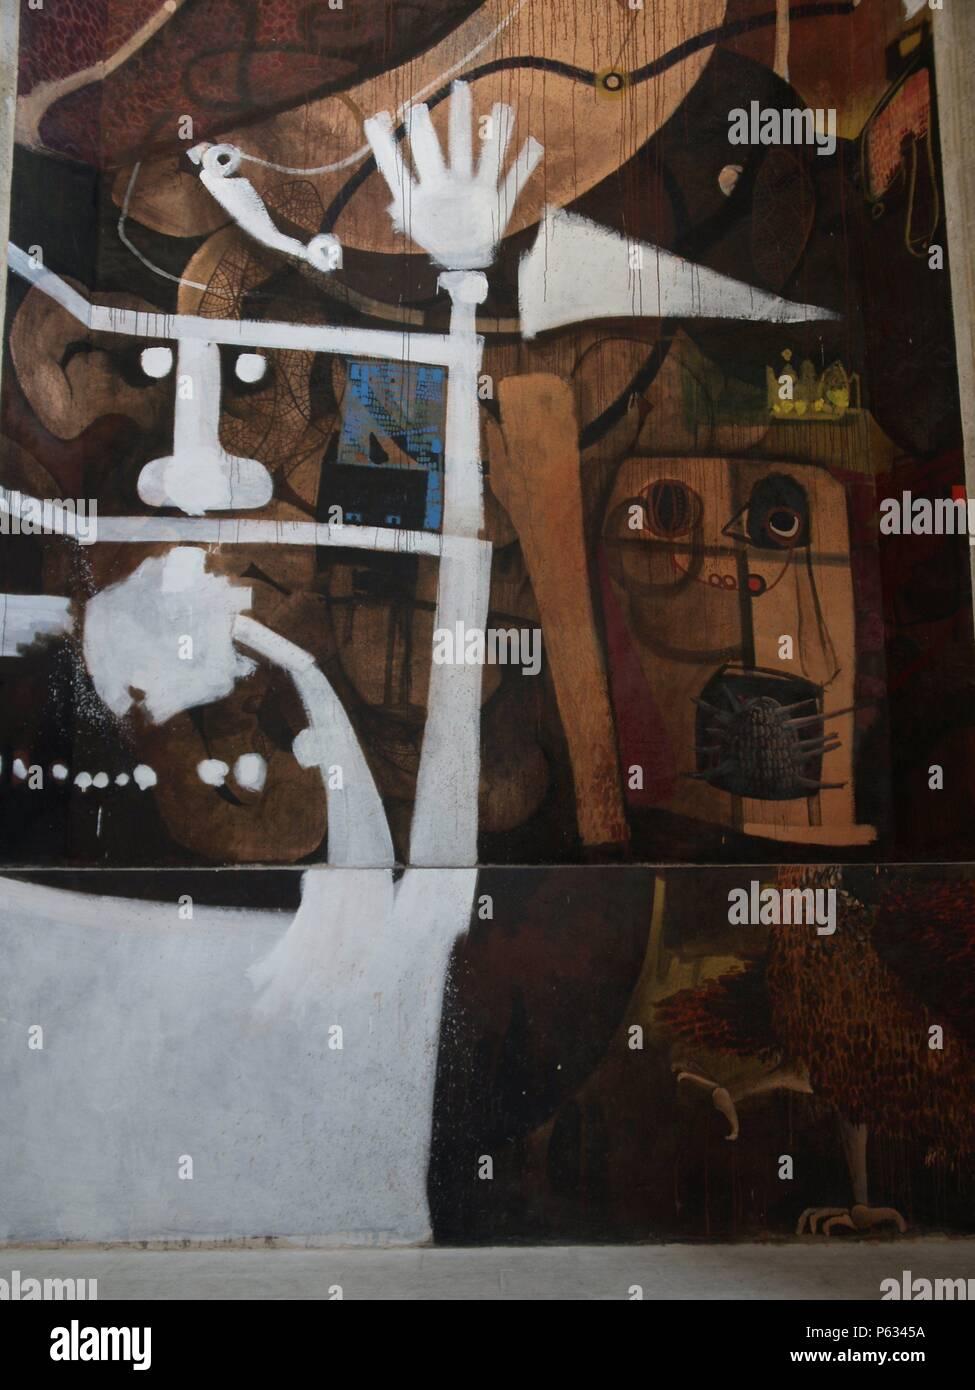 PRESENTACION DEL LIBRO DE LAS PINTURAS DE ALARCON. CAMARAS, REPORTAJE Retratos y. Immagini Stock